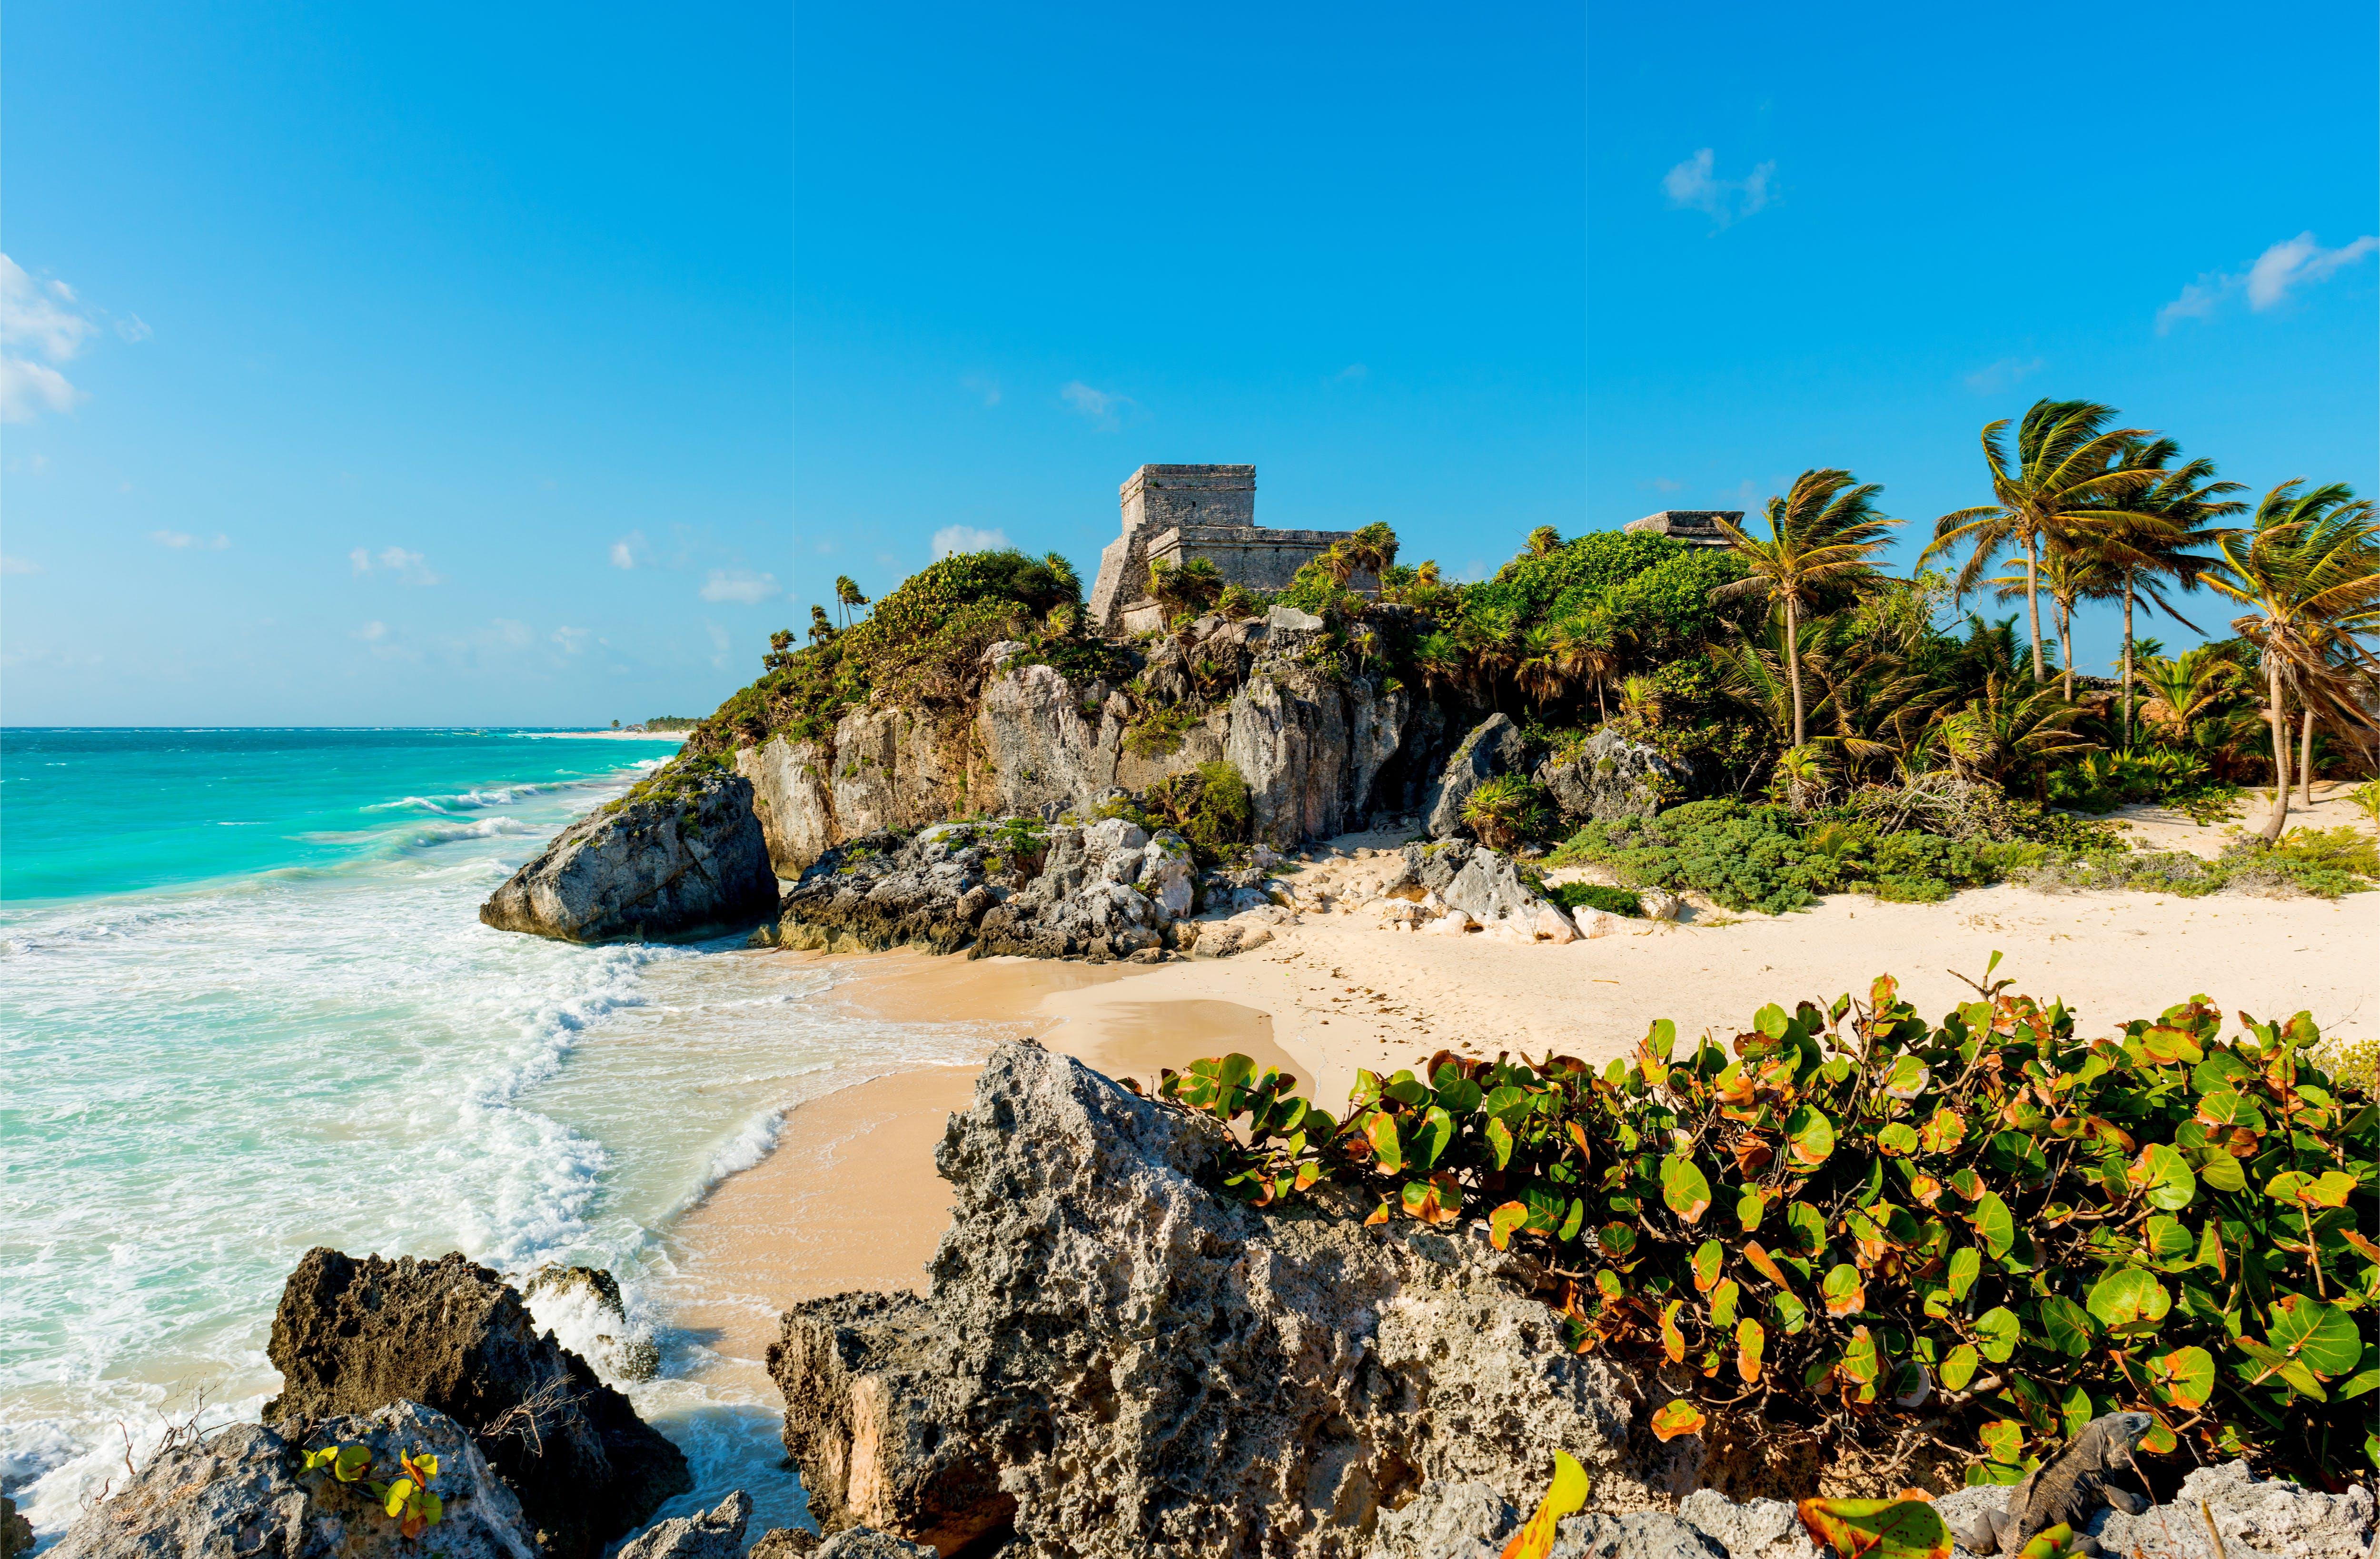 Cozumel, Mexico's Mayan ruins